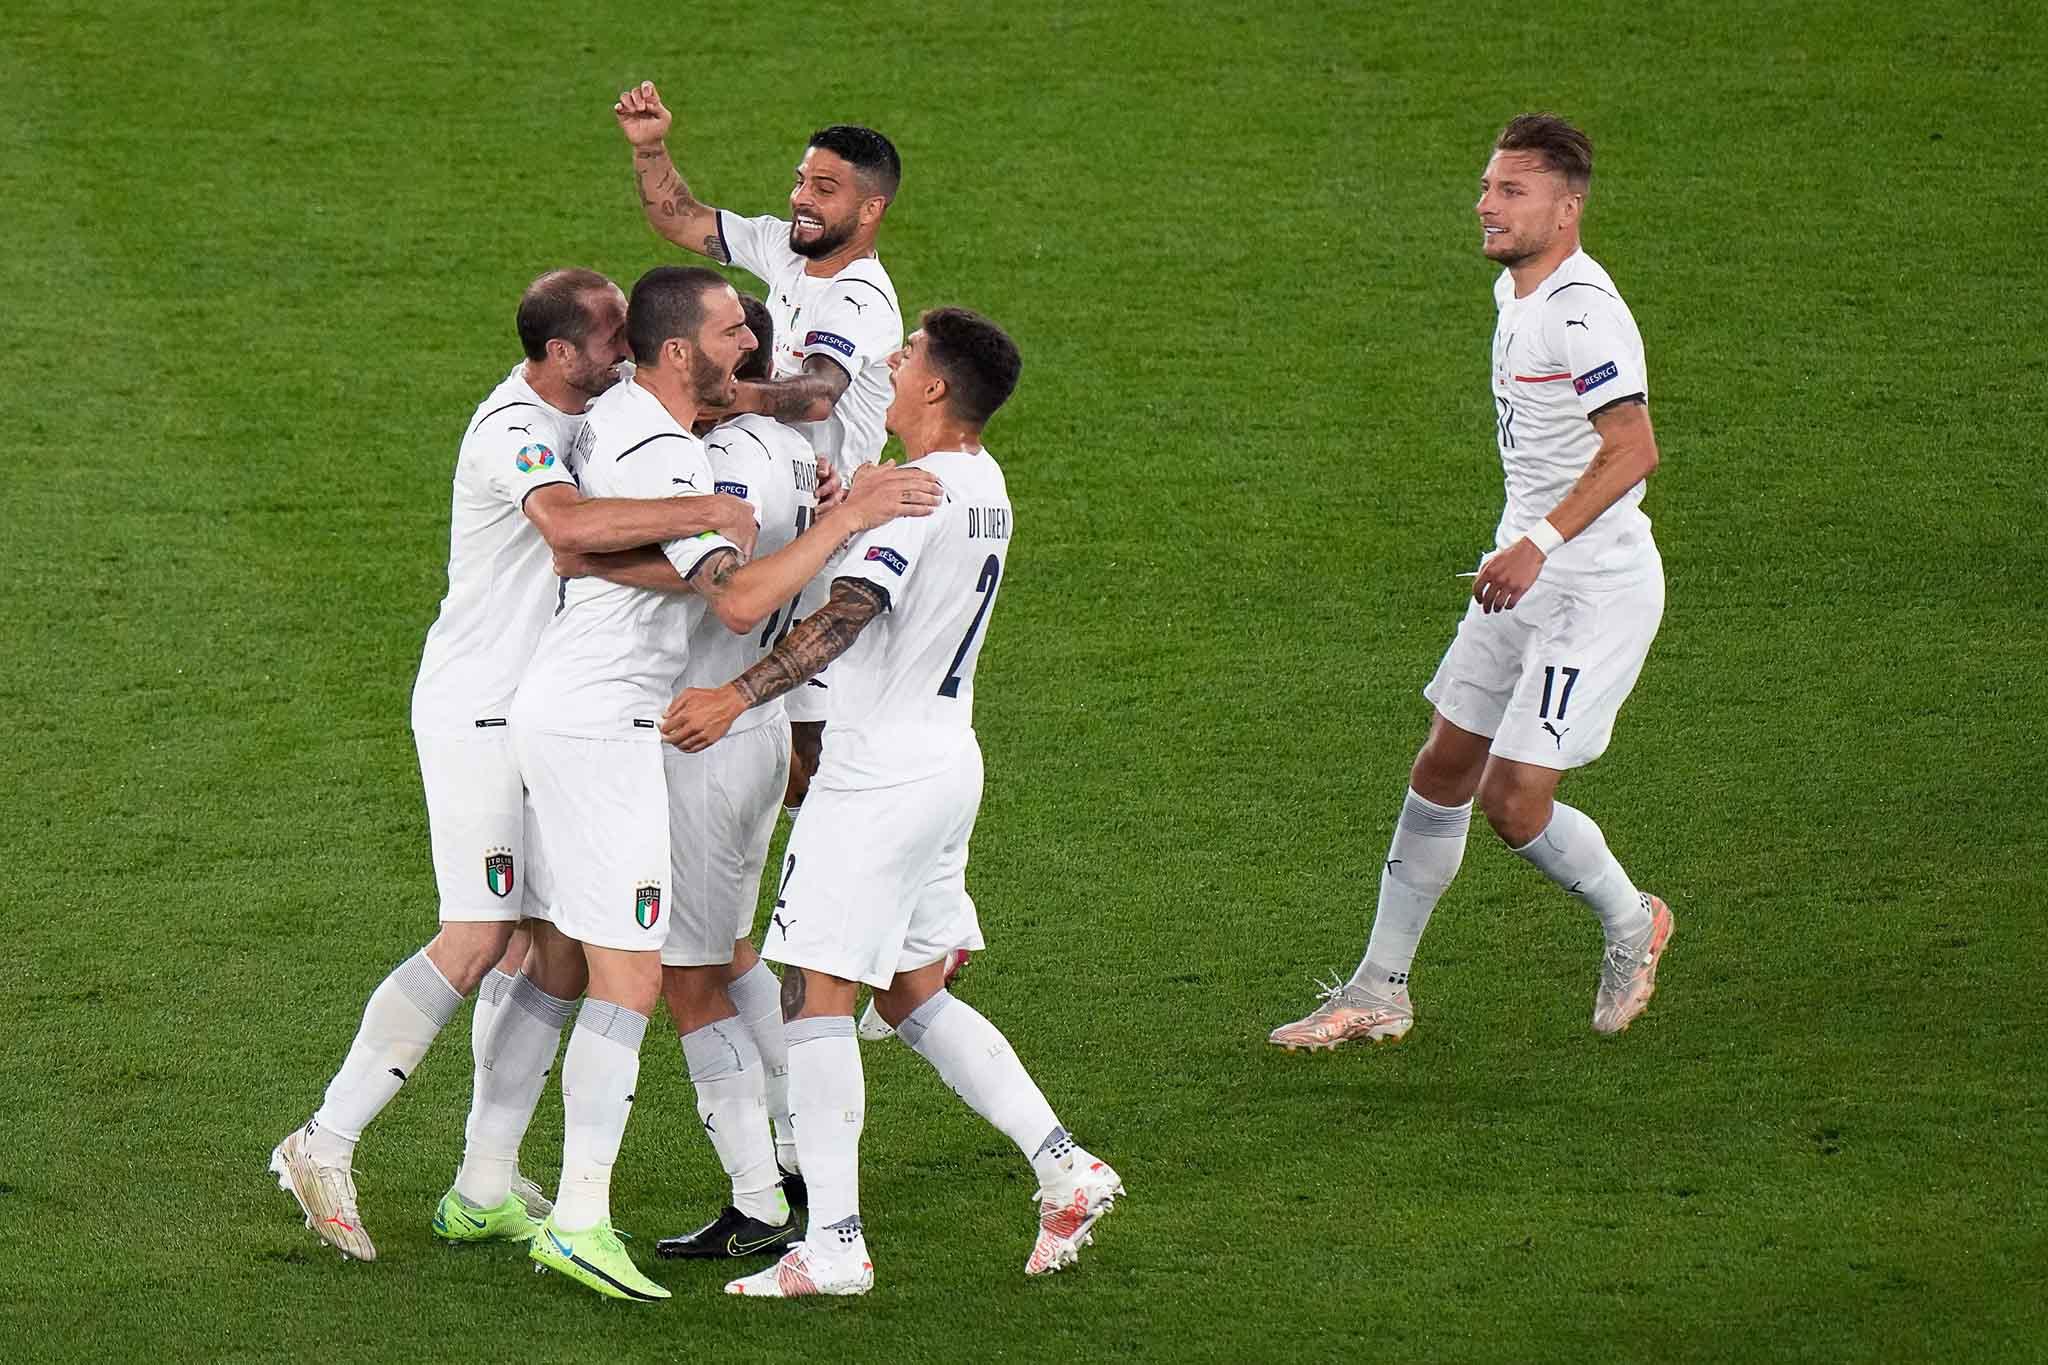 'मिनि विश्वकप' सुरू, पहिलाे खेलमा इटली विजयी